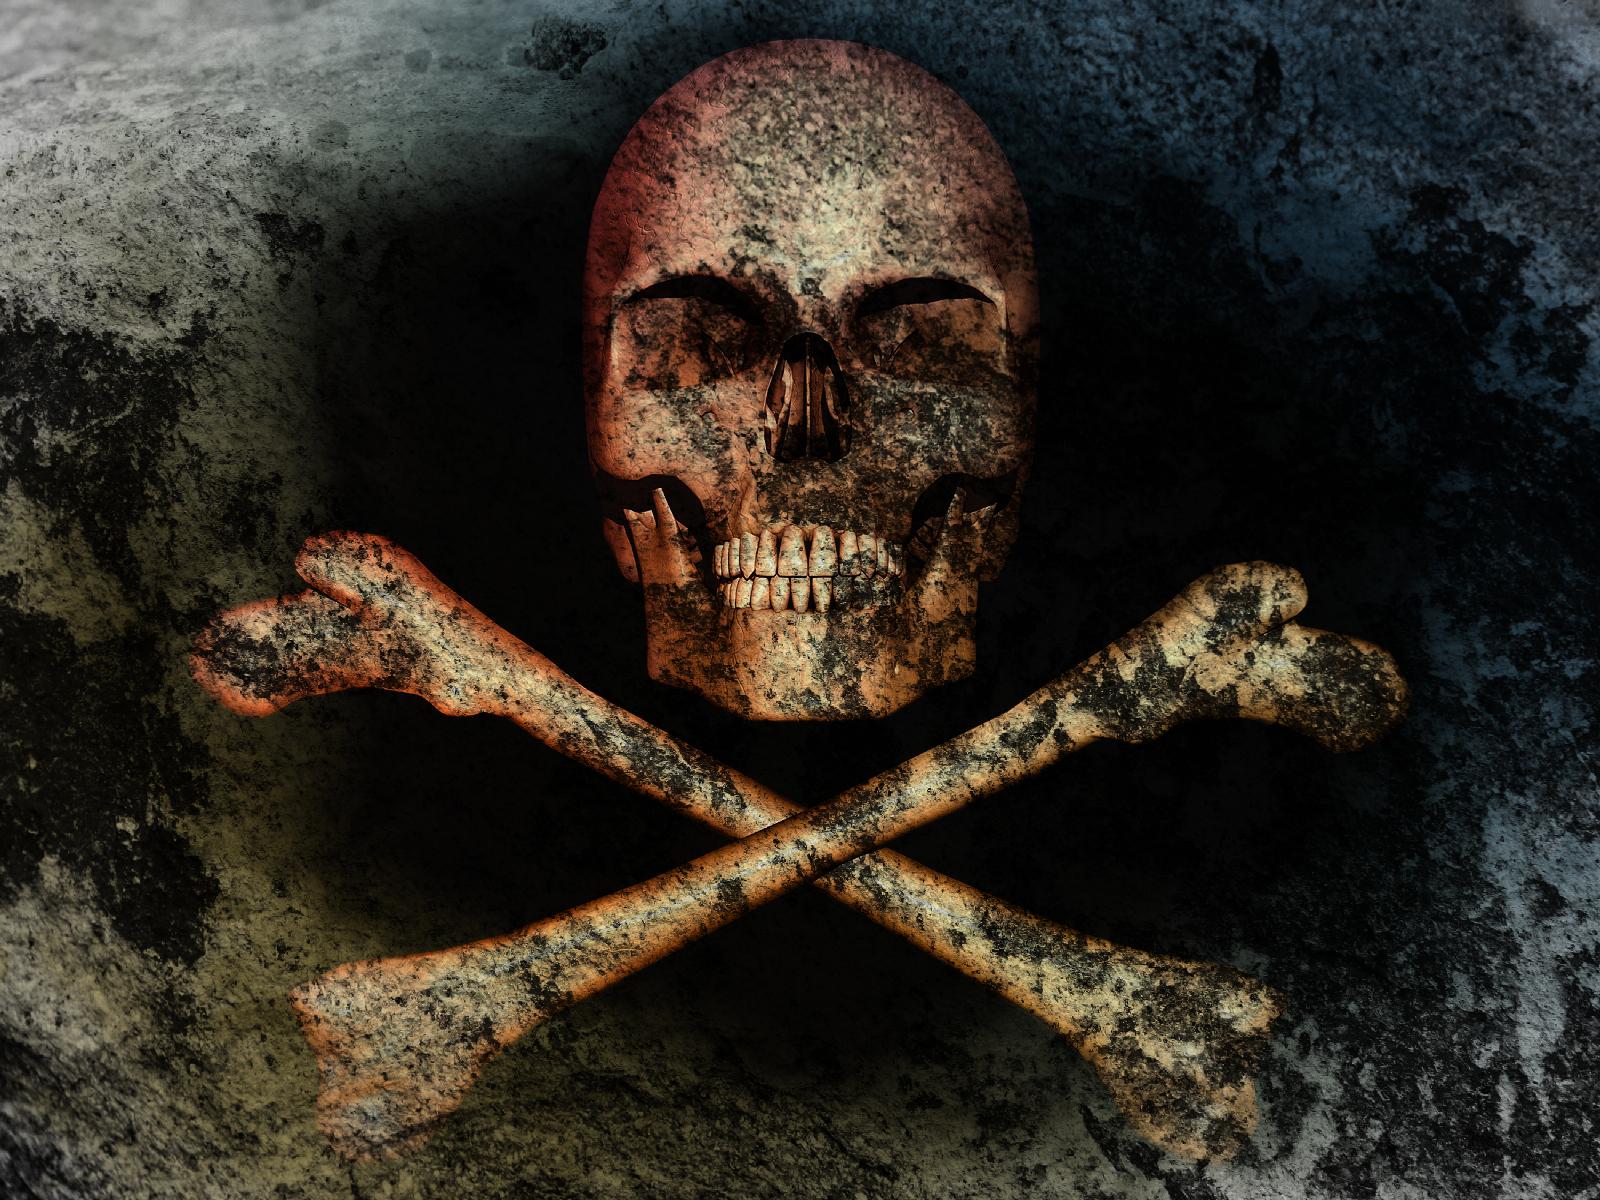 Skull And Bones Wallpaper: Skull Bones Death Wallpaper